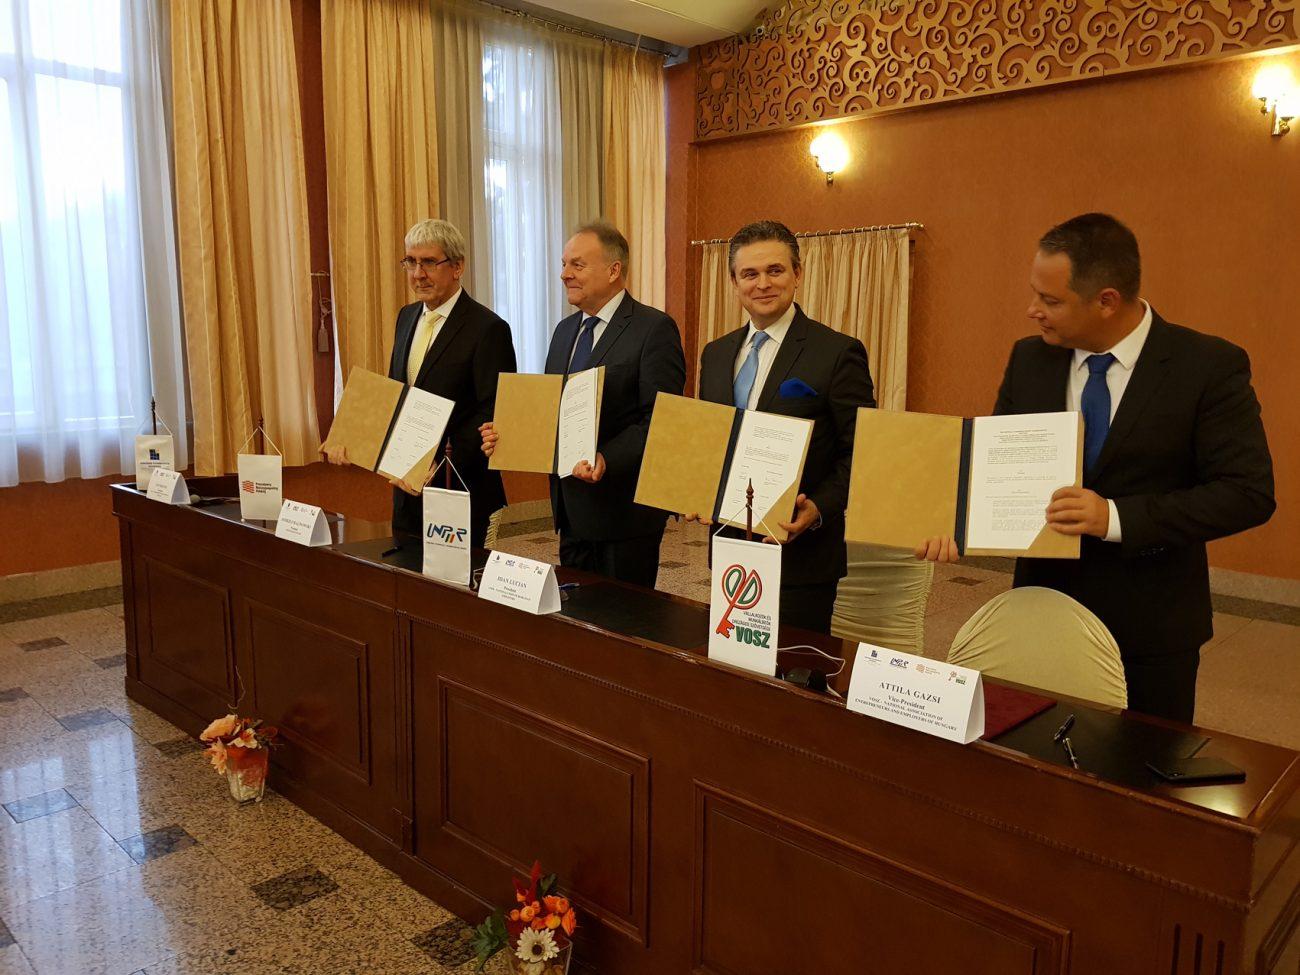 Acord-de-cooperare-semnat-între-patru-confederaţii-patronale-est-europene-Cluj-Napoca